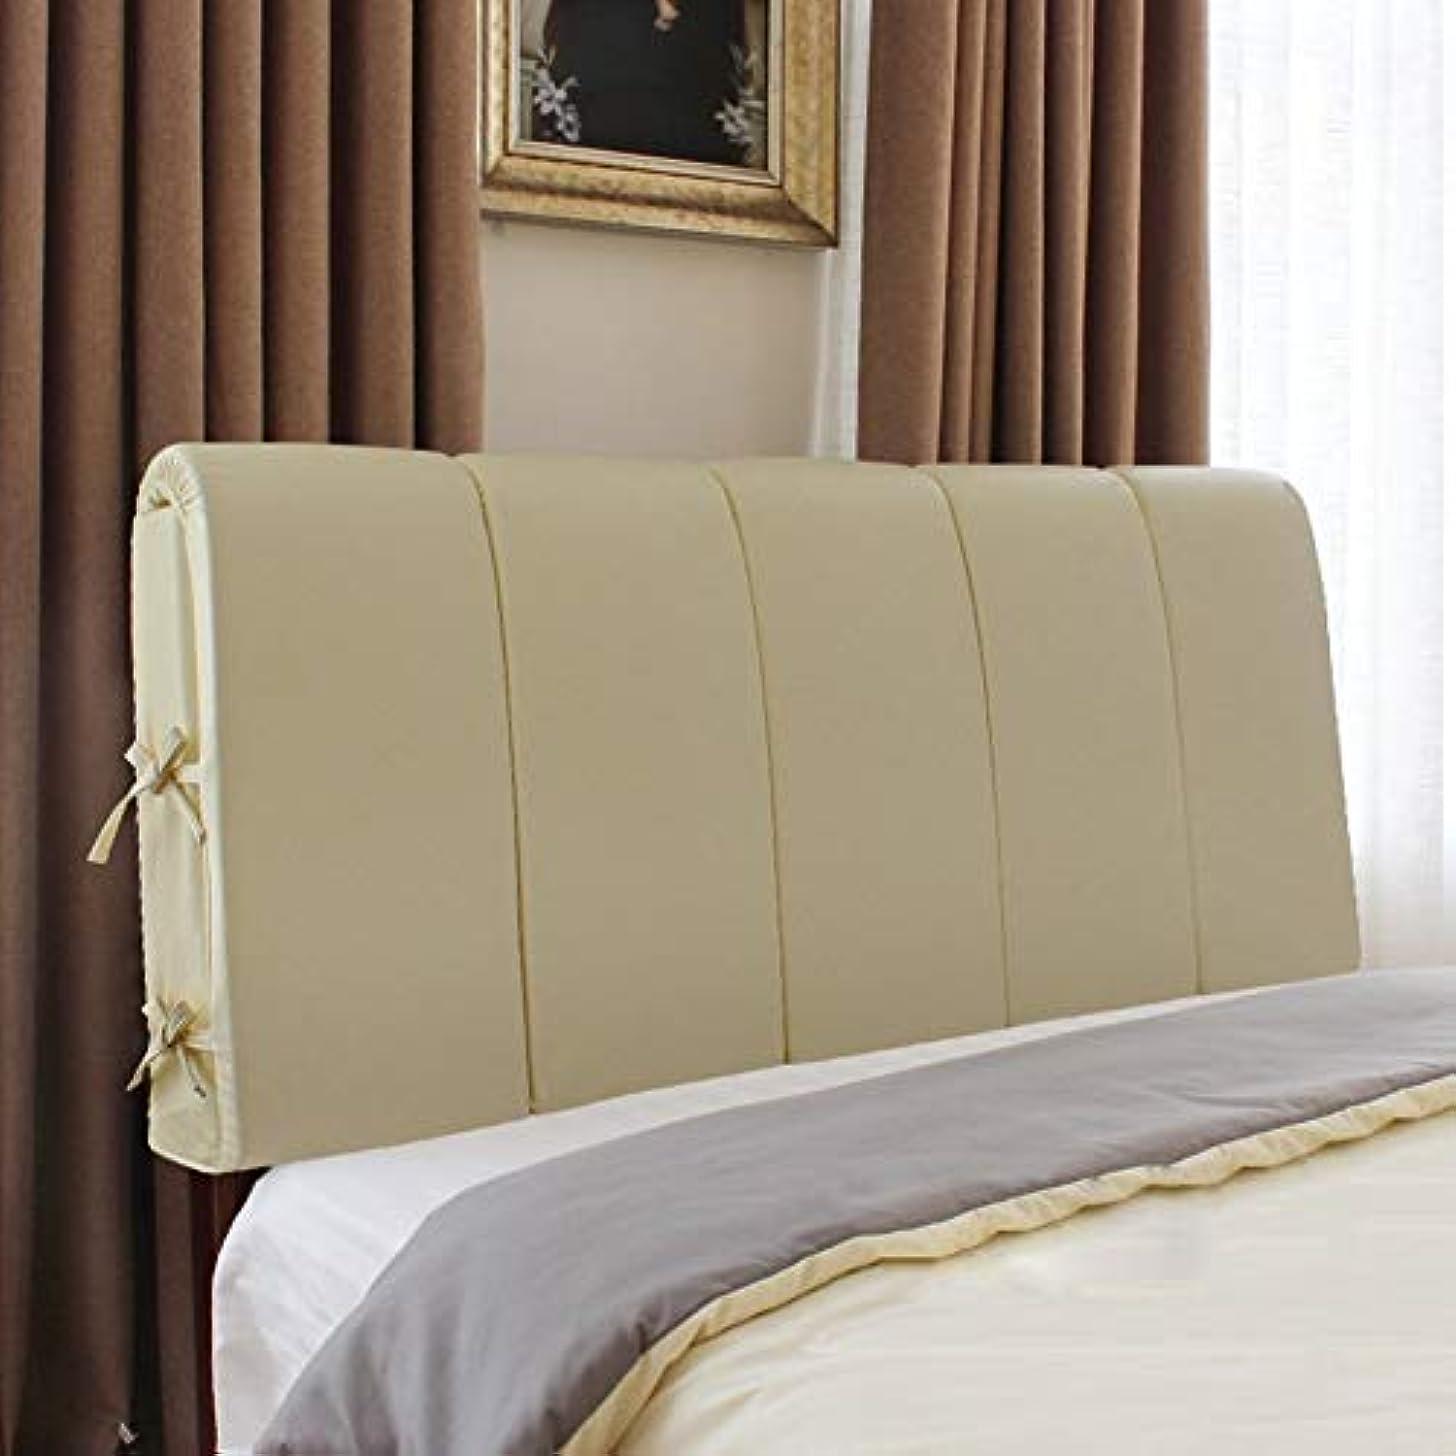 薬用複数叫び声31-luoshangqing ダブルベッドサイド大背もたれヘッドボードクッションベッドソフトバッグベッドカバー、垂直句、PU、6色、8サイズ (Color : D, サイズ : With headboard-180cm)